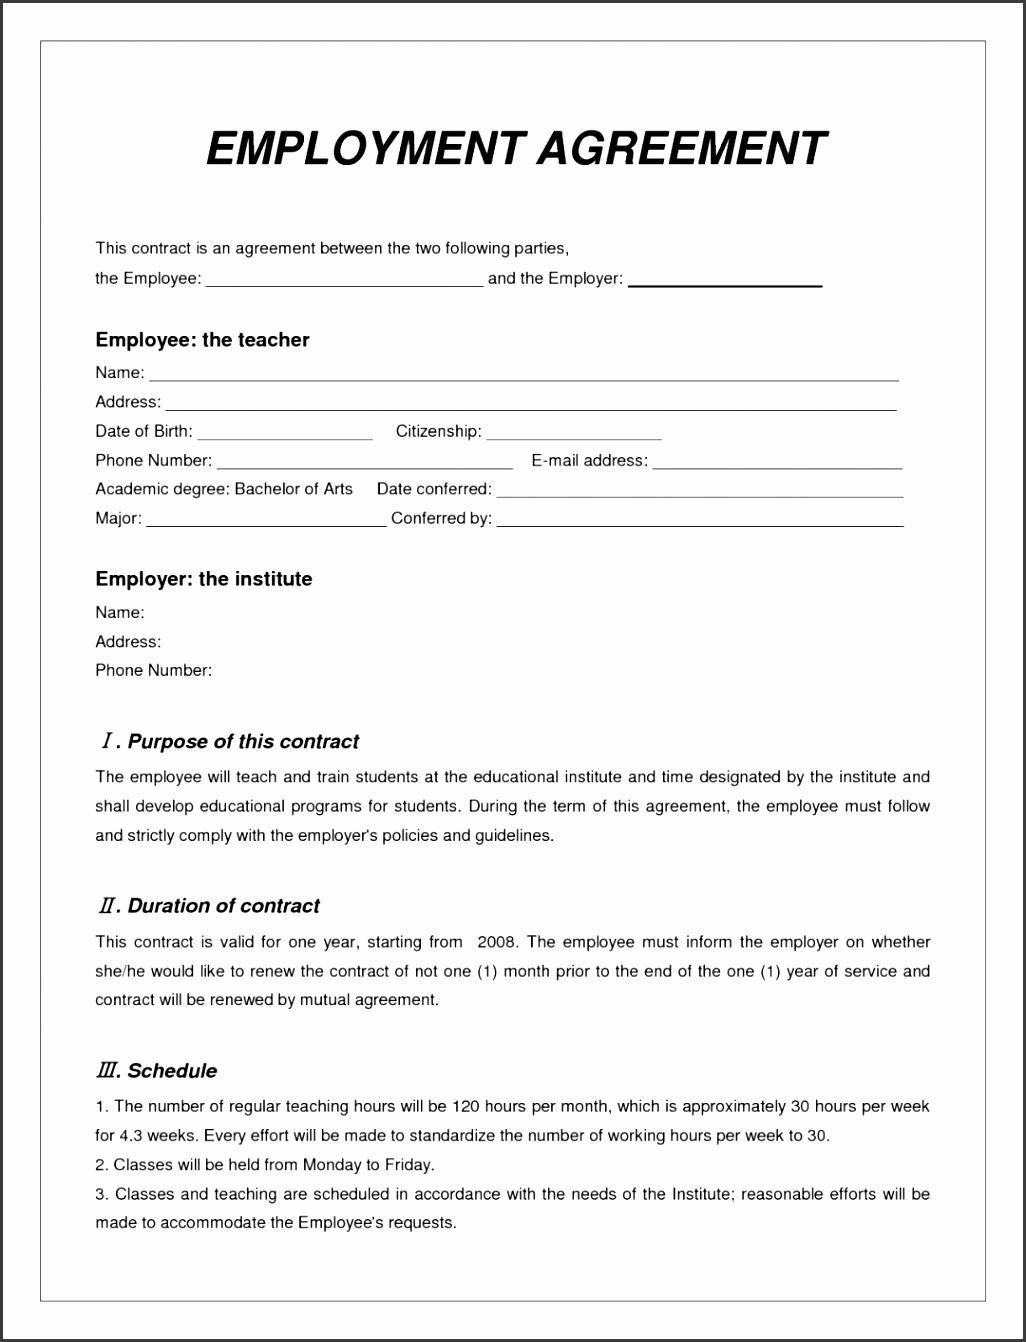 Car Loan Agreement Format Promissory Note Employeehoice Image Car Loan Agreement Format Promissory Note Employeehoice Image